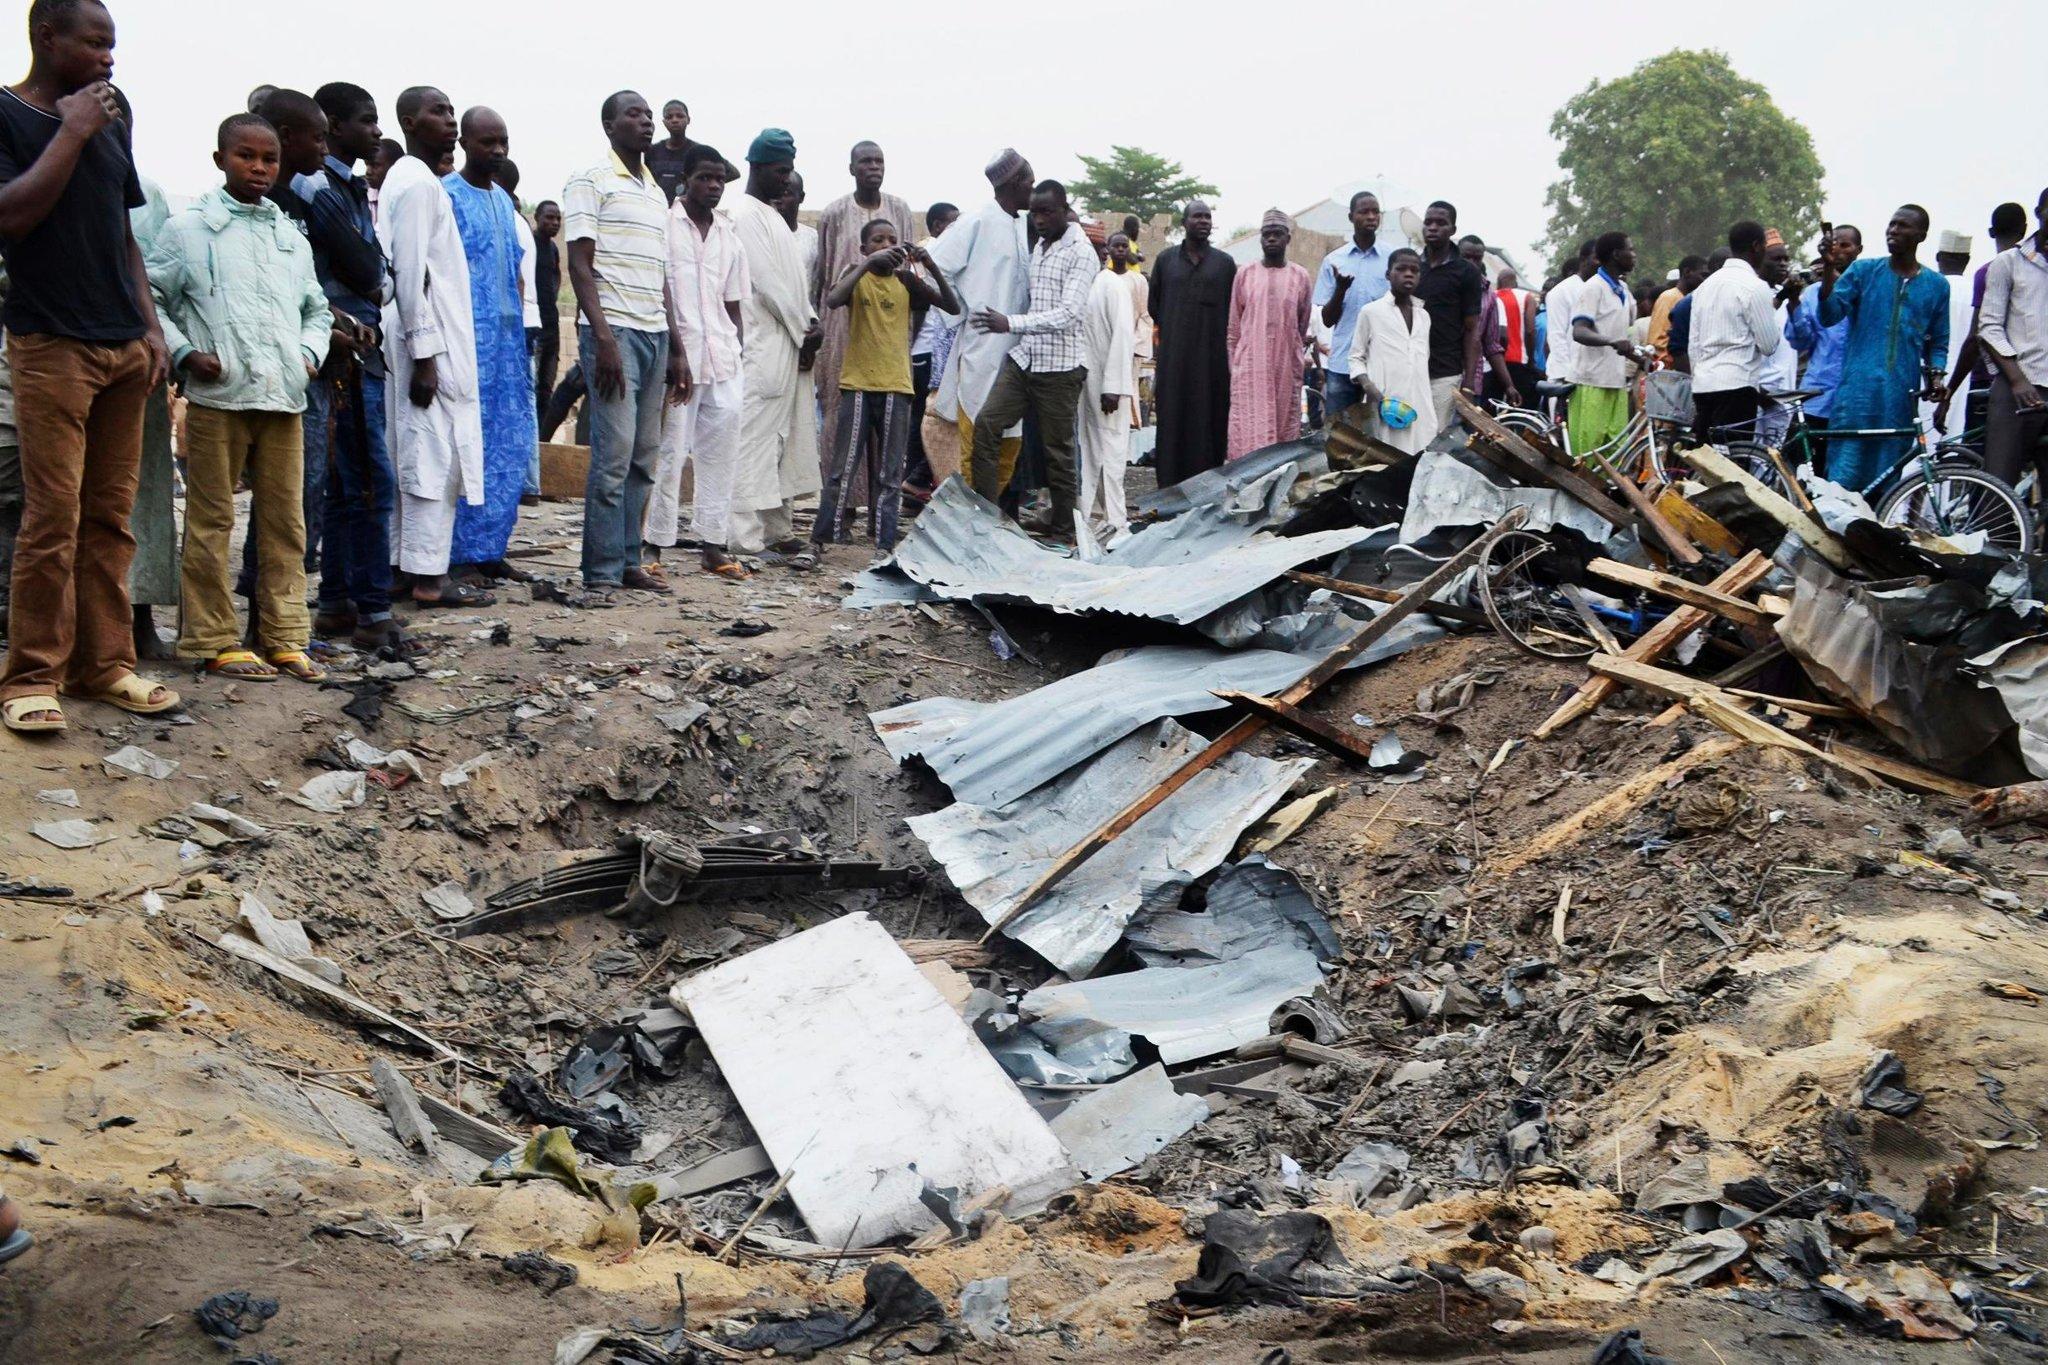 Muslims Massacre Children Watching Soccer Match In Nigeria